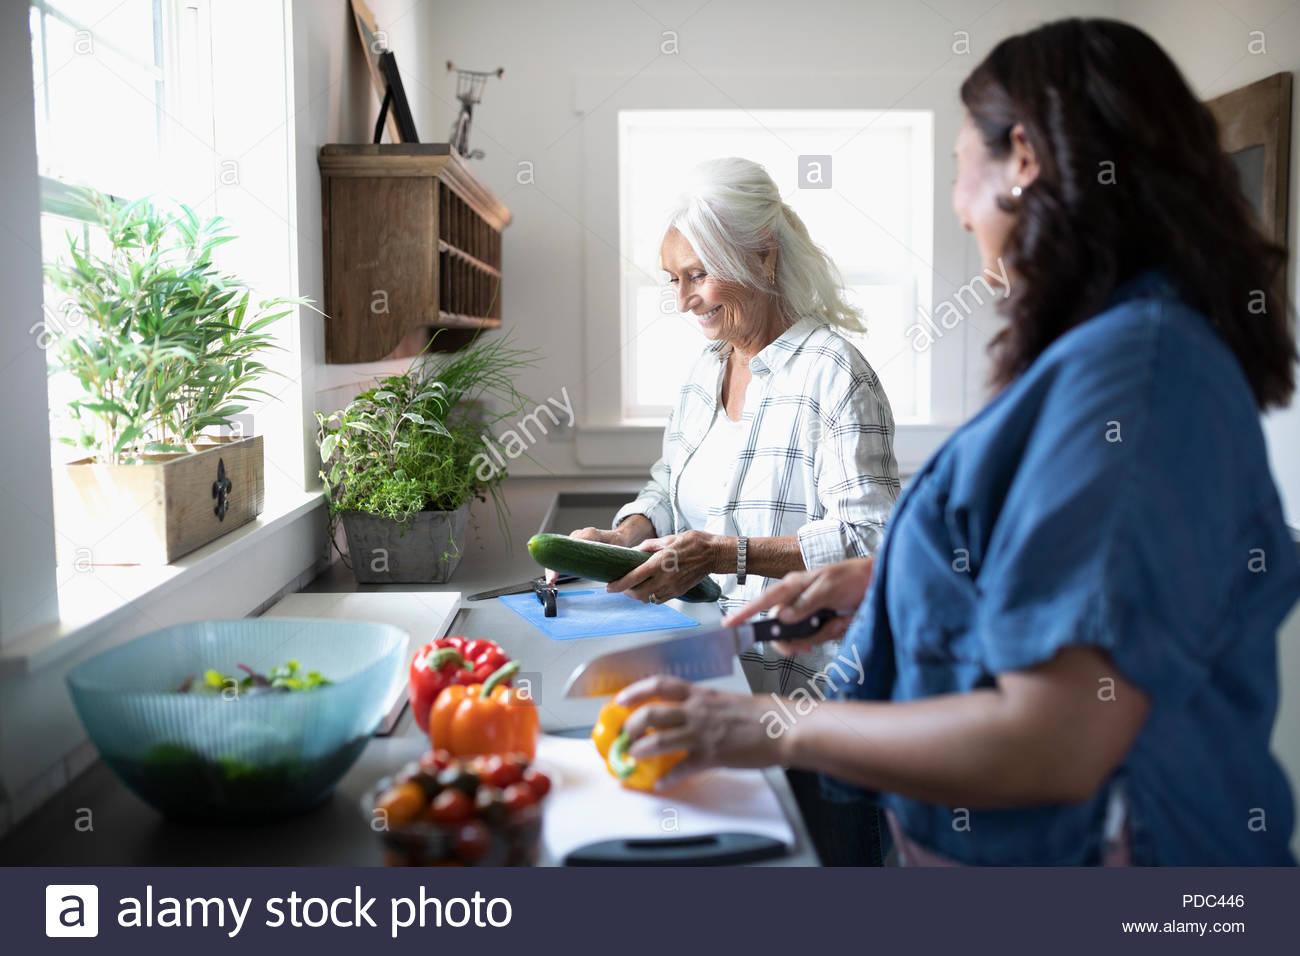 Tochter und Mutter kochen, Schneiden von Gemüse in der Küche Stockbild